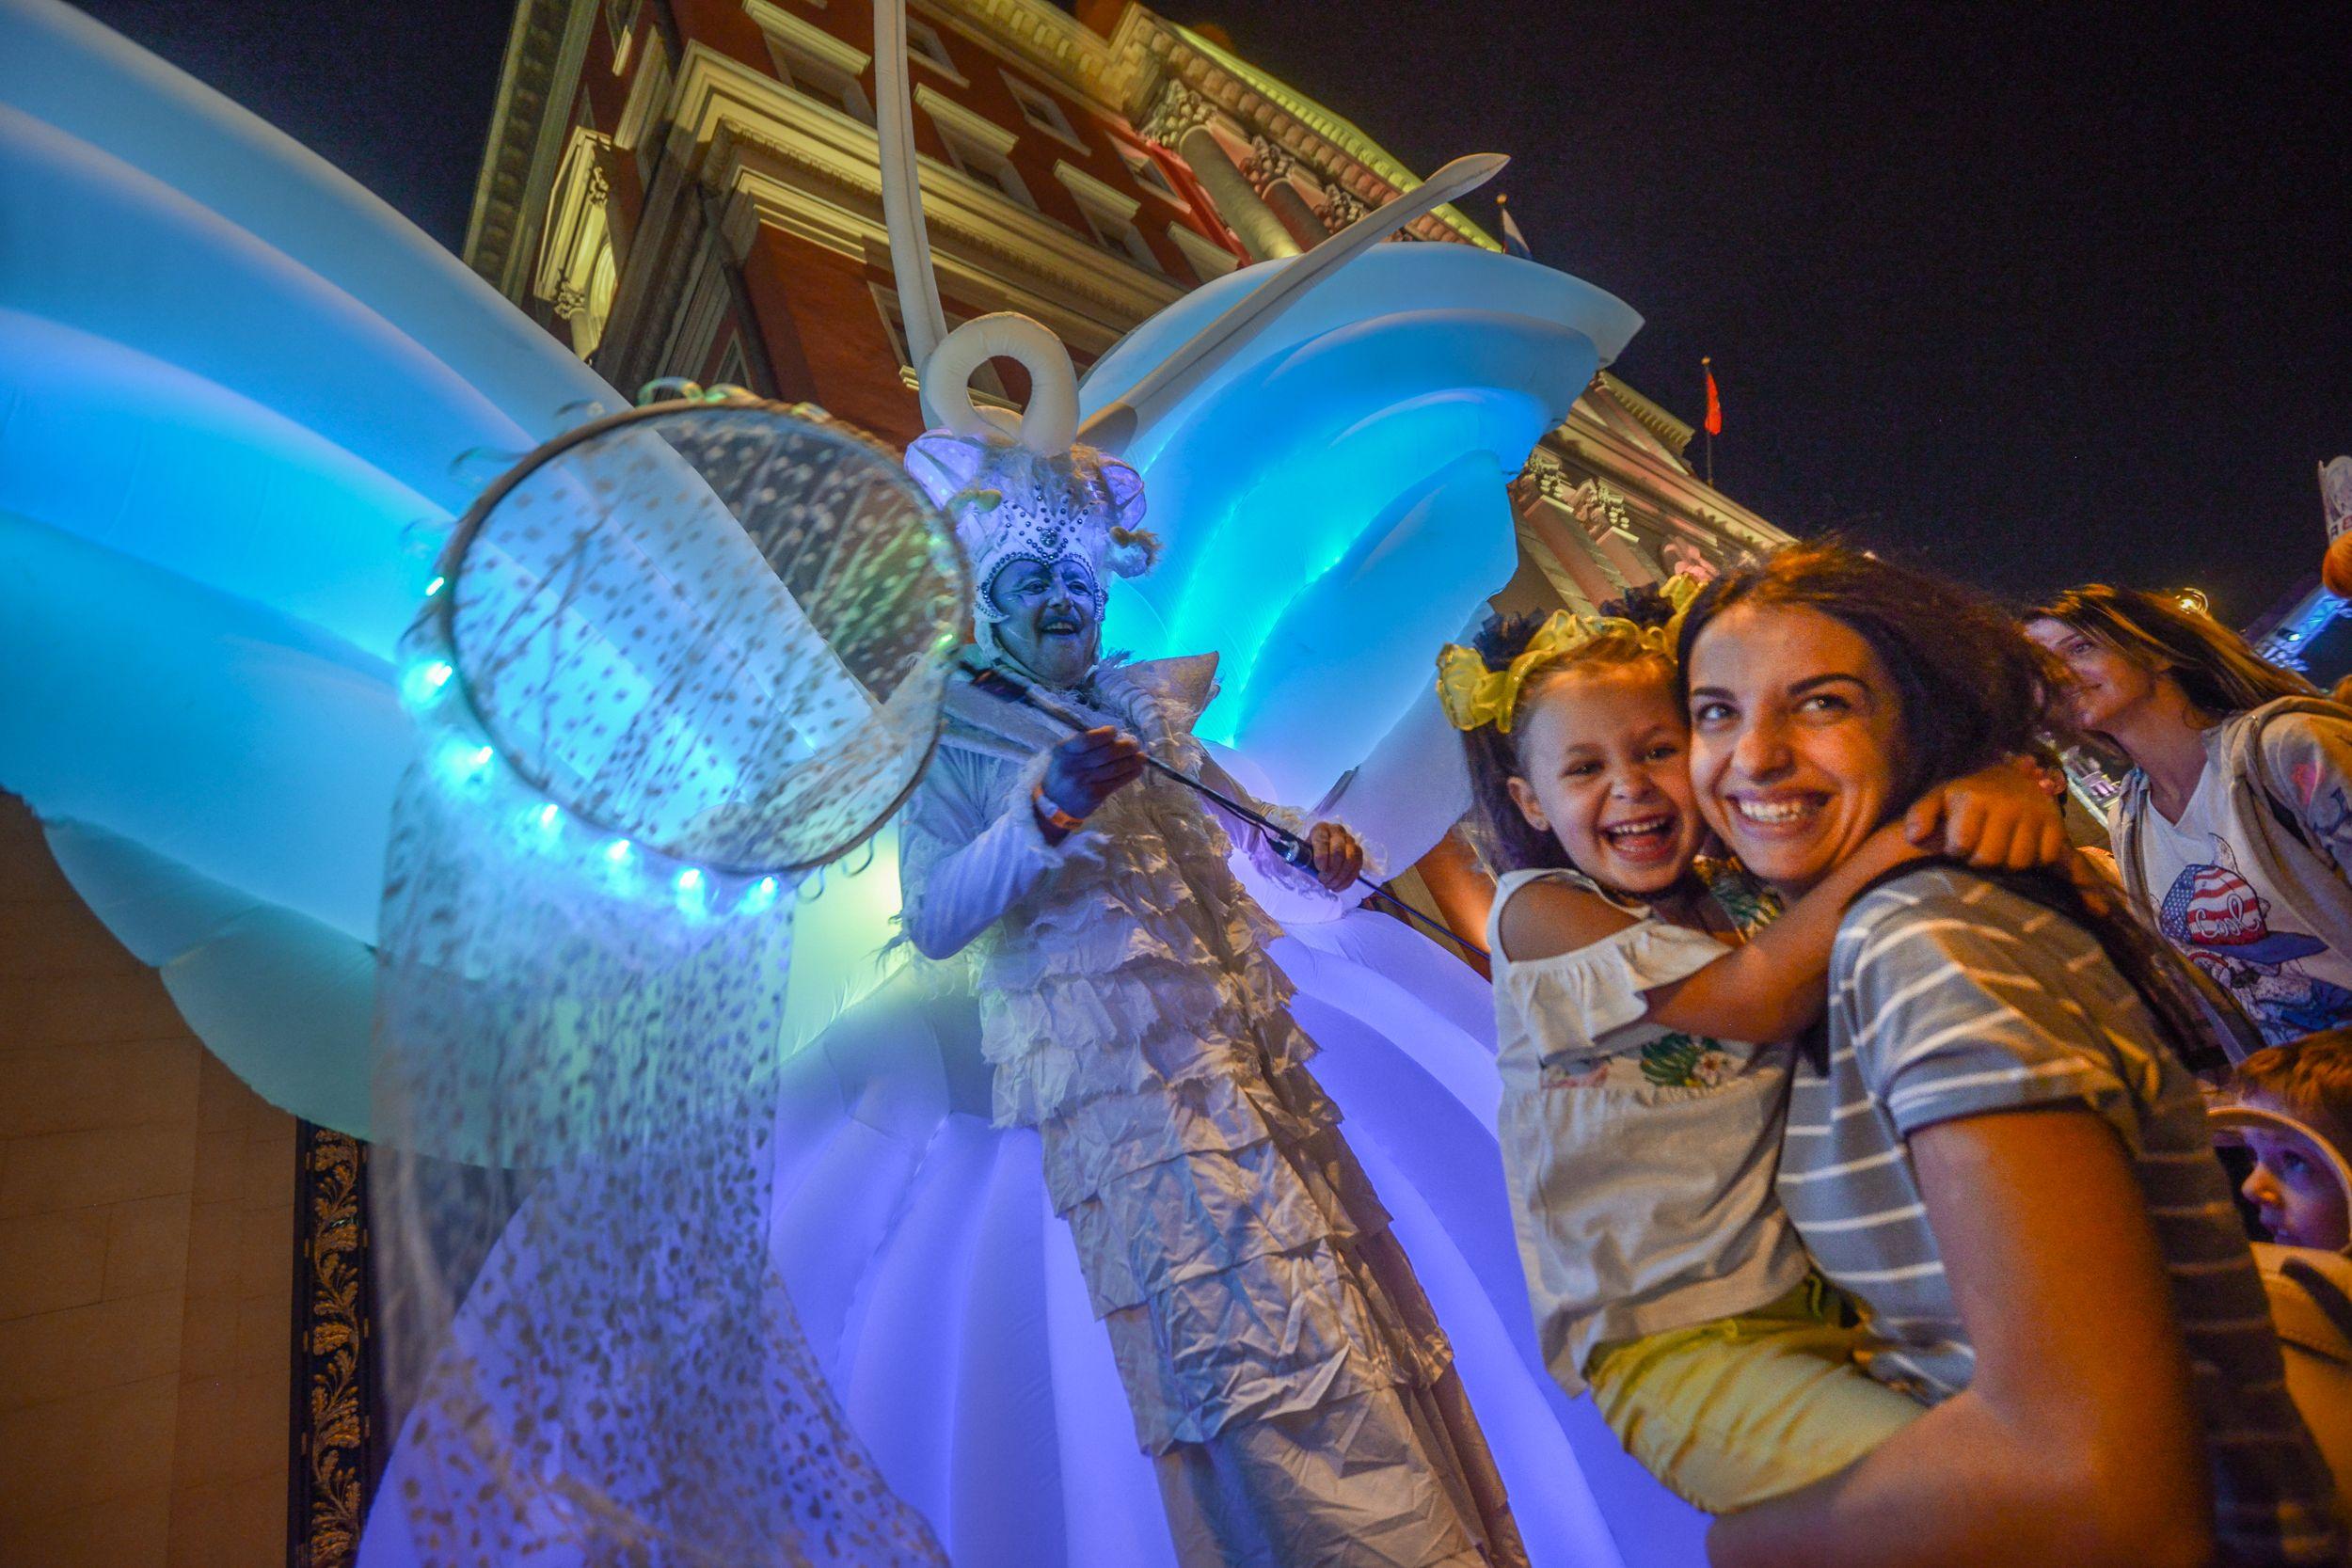 Москва подготовила более 250 праздничных программ ко Дню города